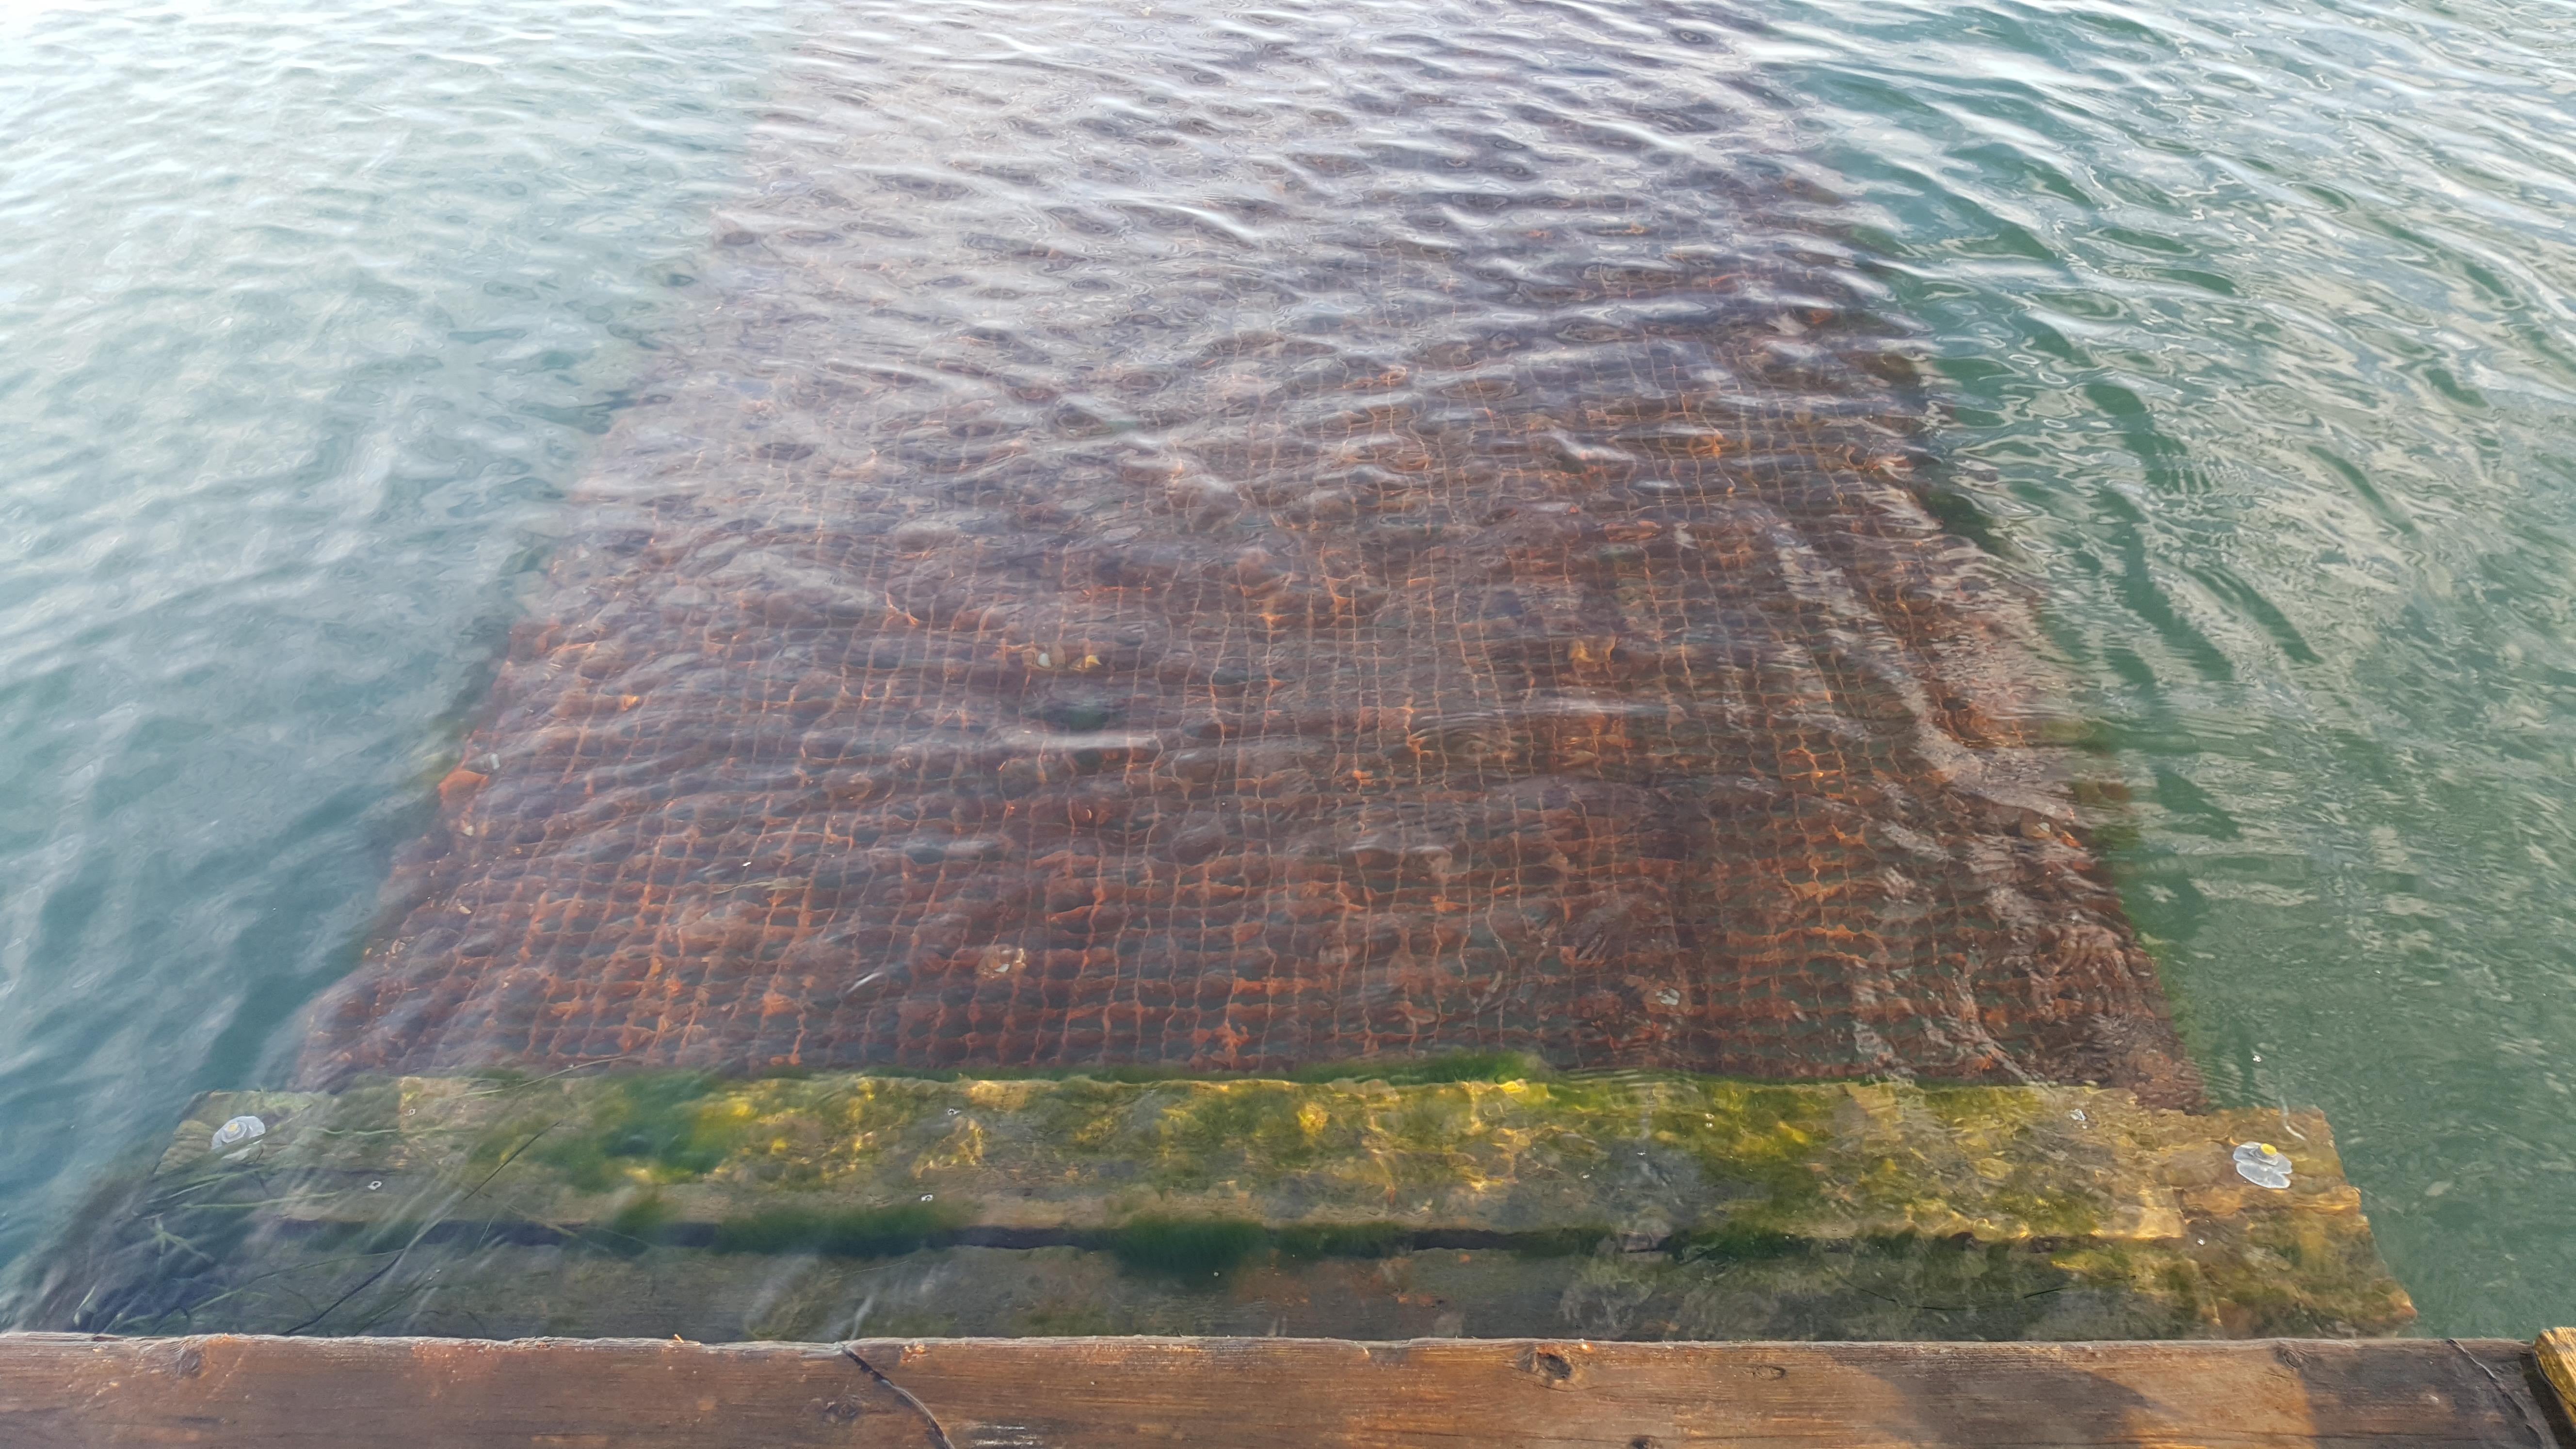 Lavbroen under vand